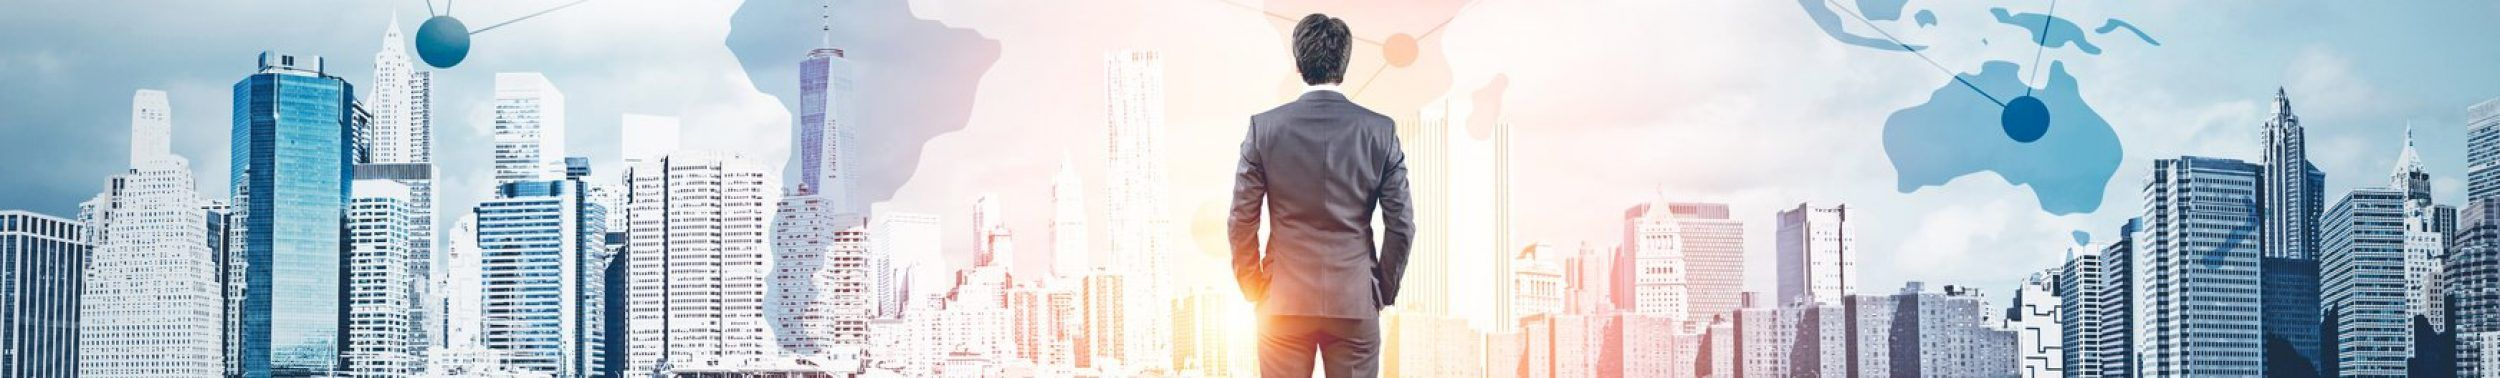 Anee | Finanza, Trading Forex, Investimenti, Criptovalute